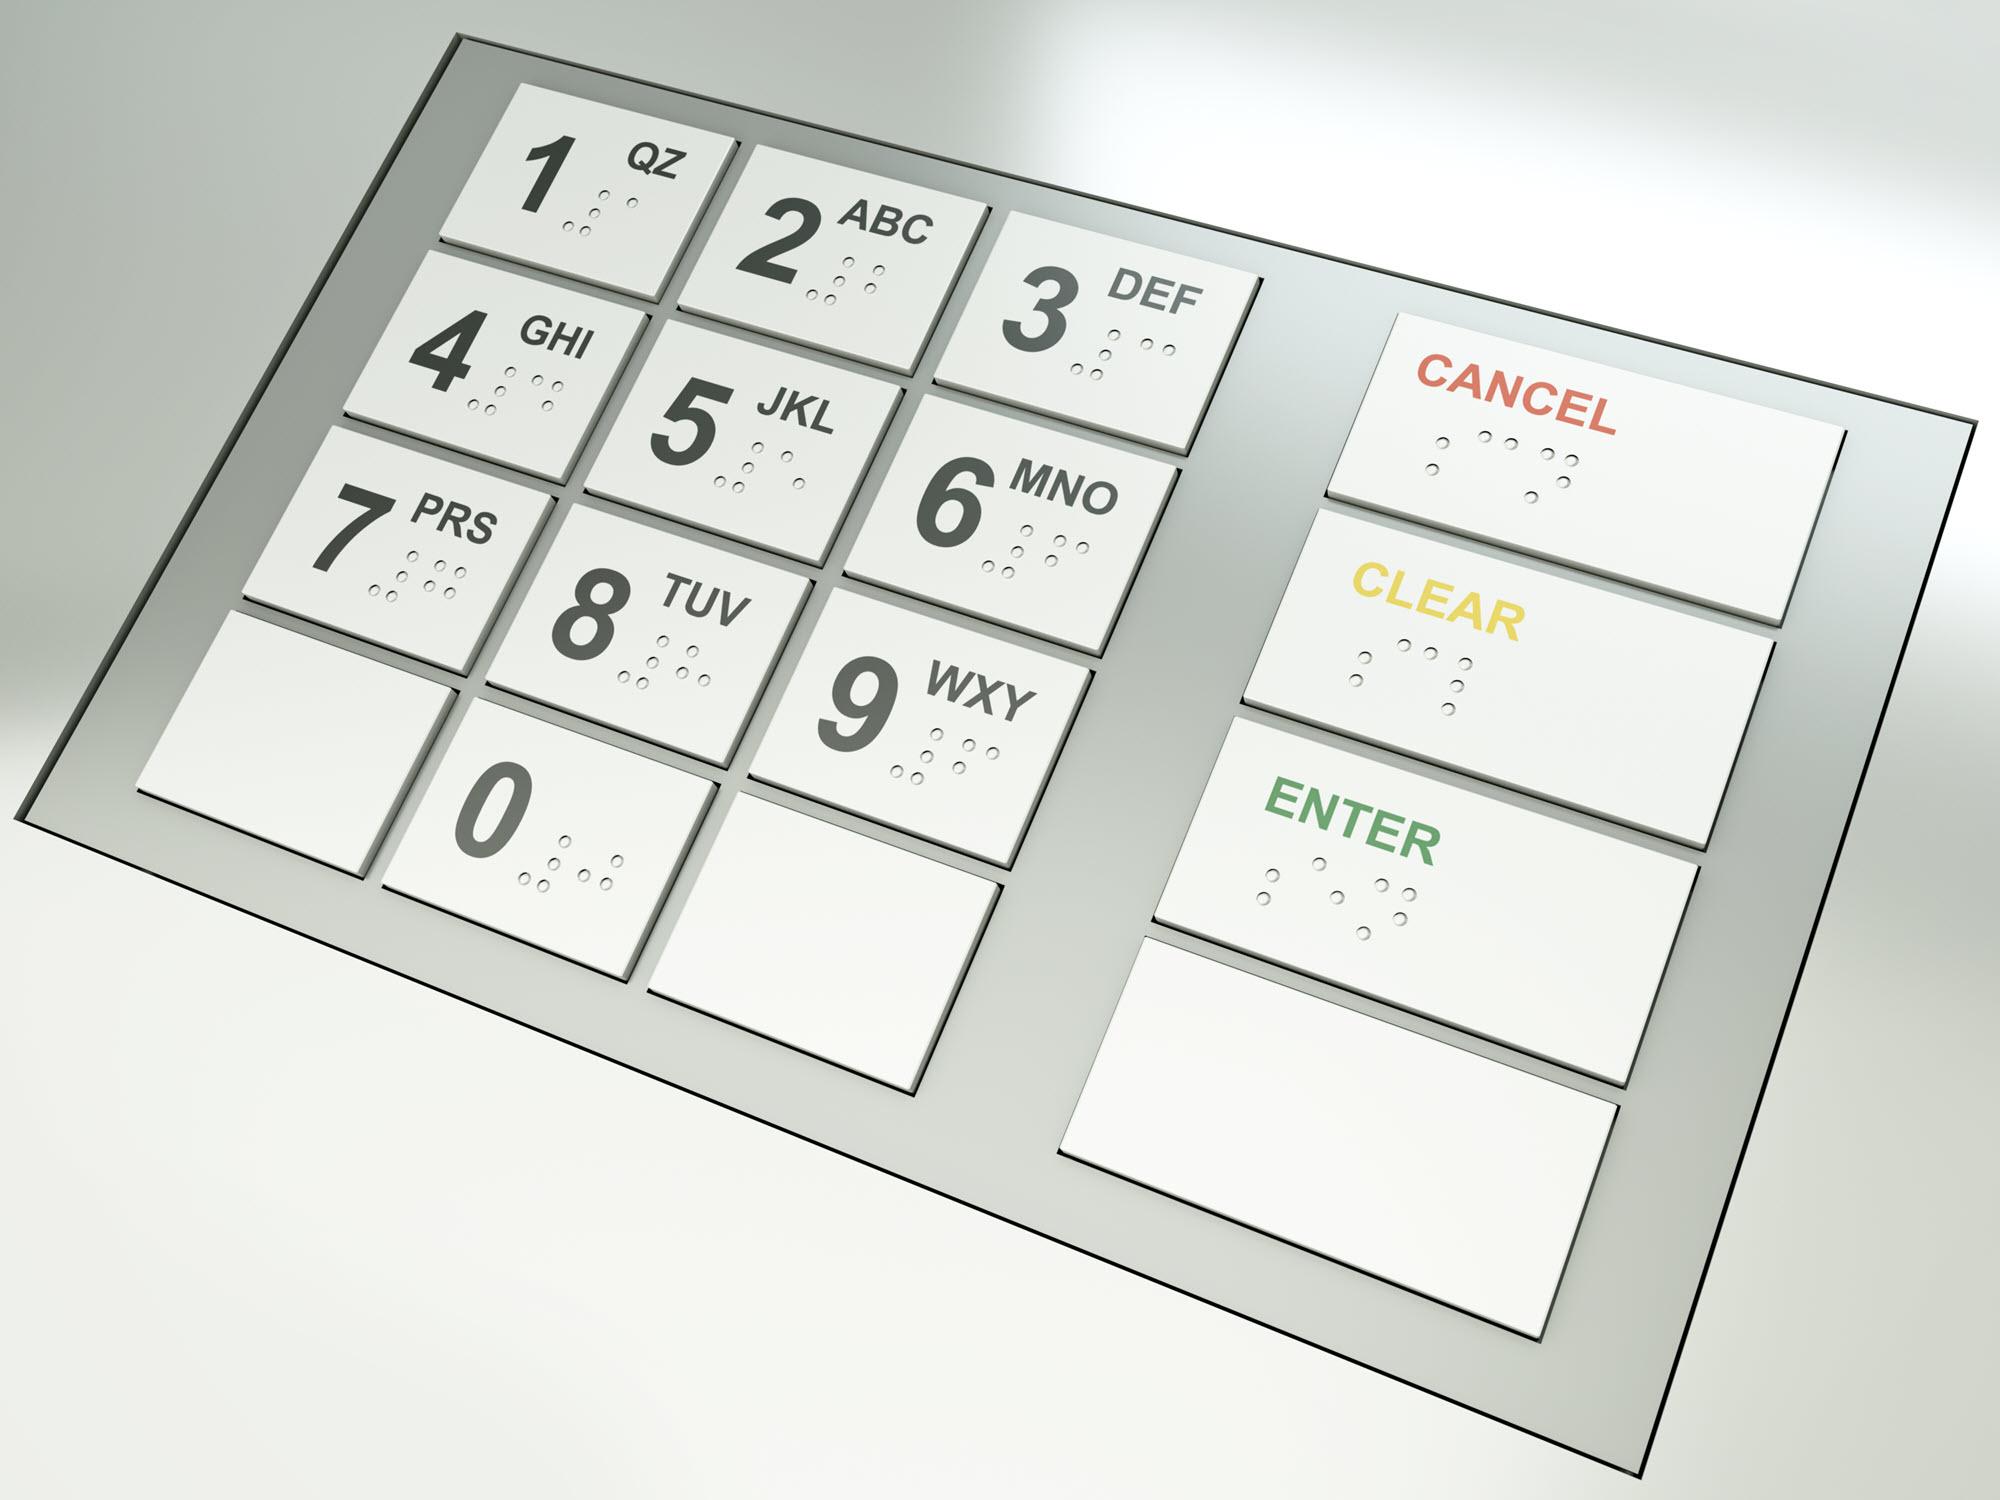 Cajero Automático (ATM) - Hands on Banking - Educación financiera